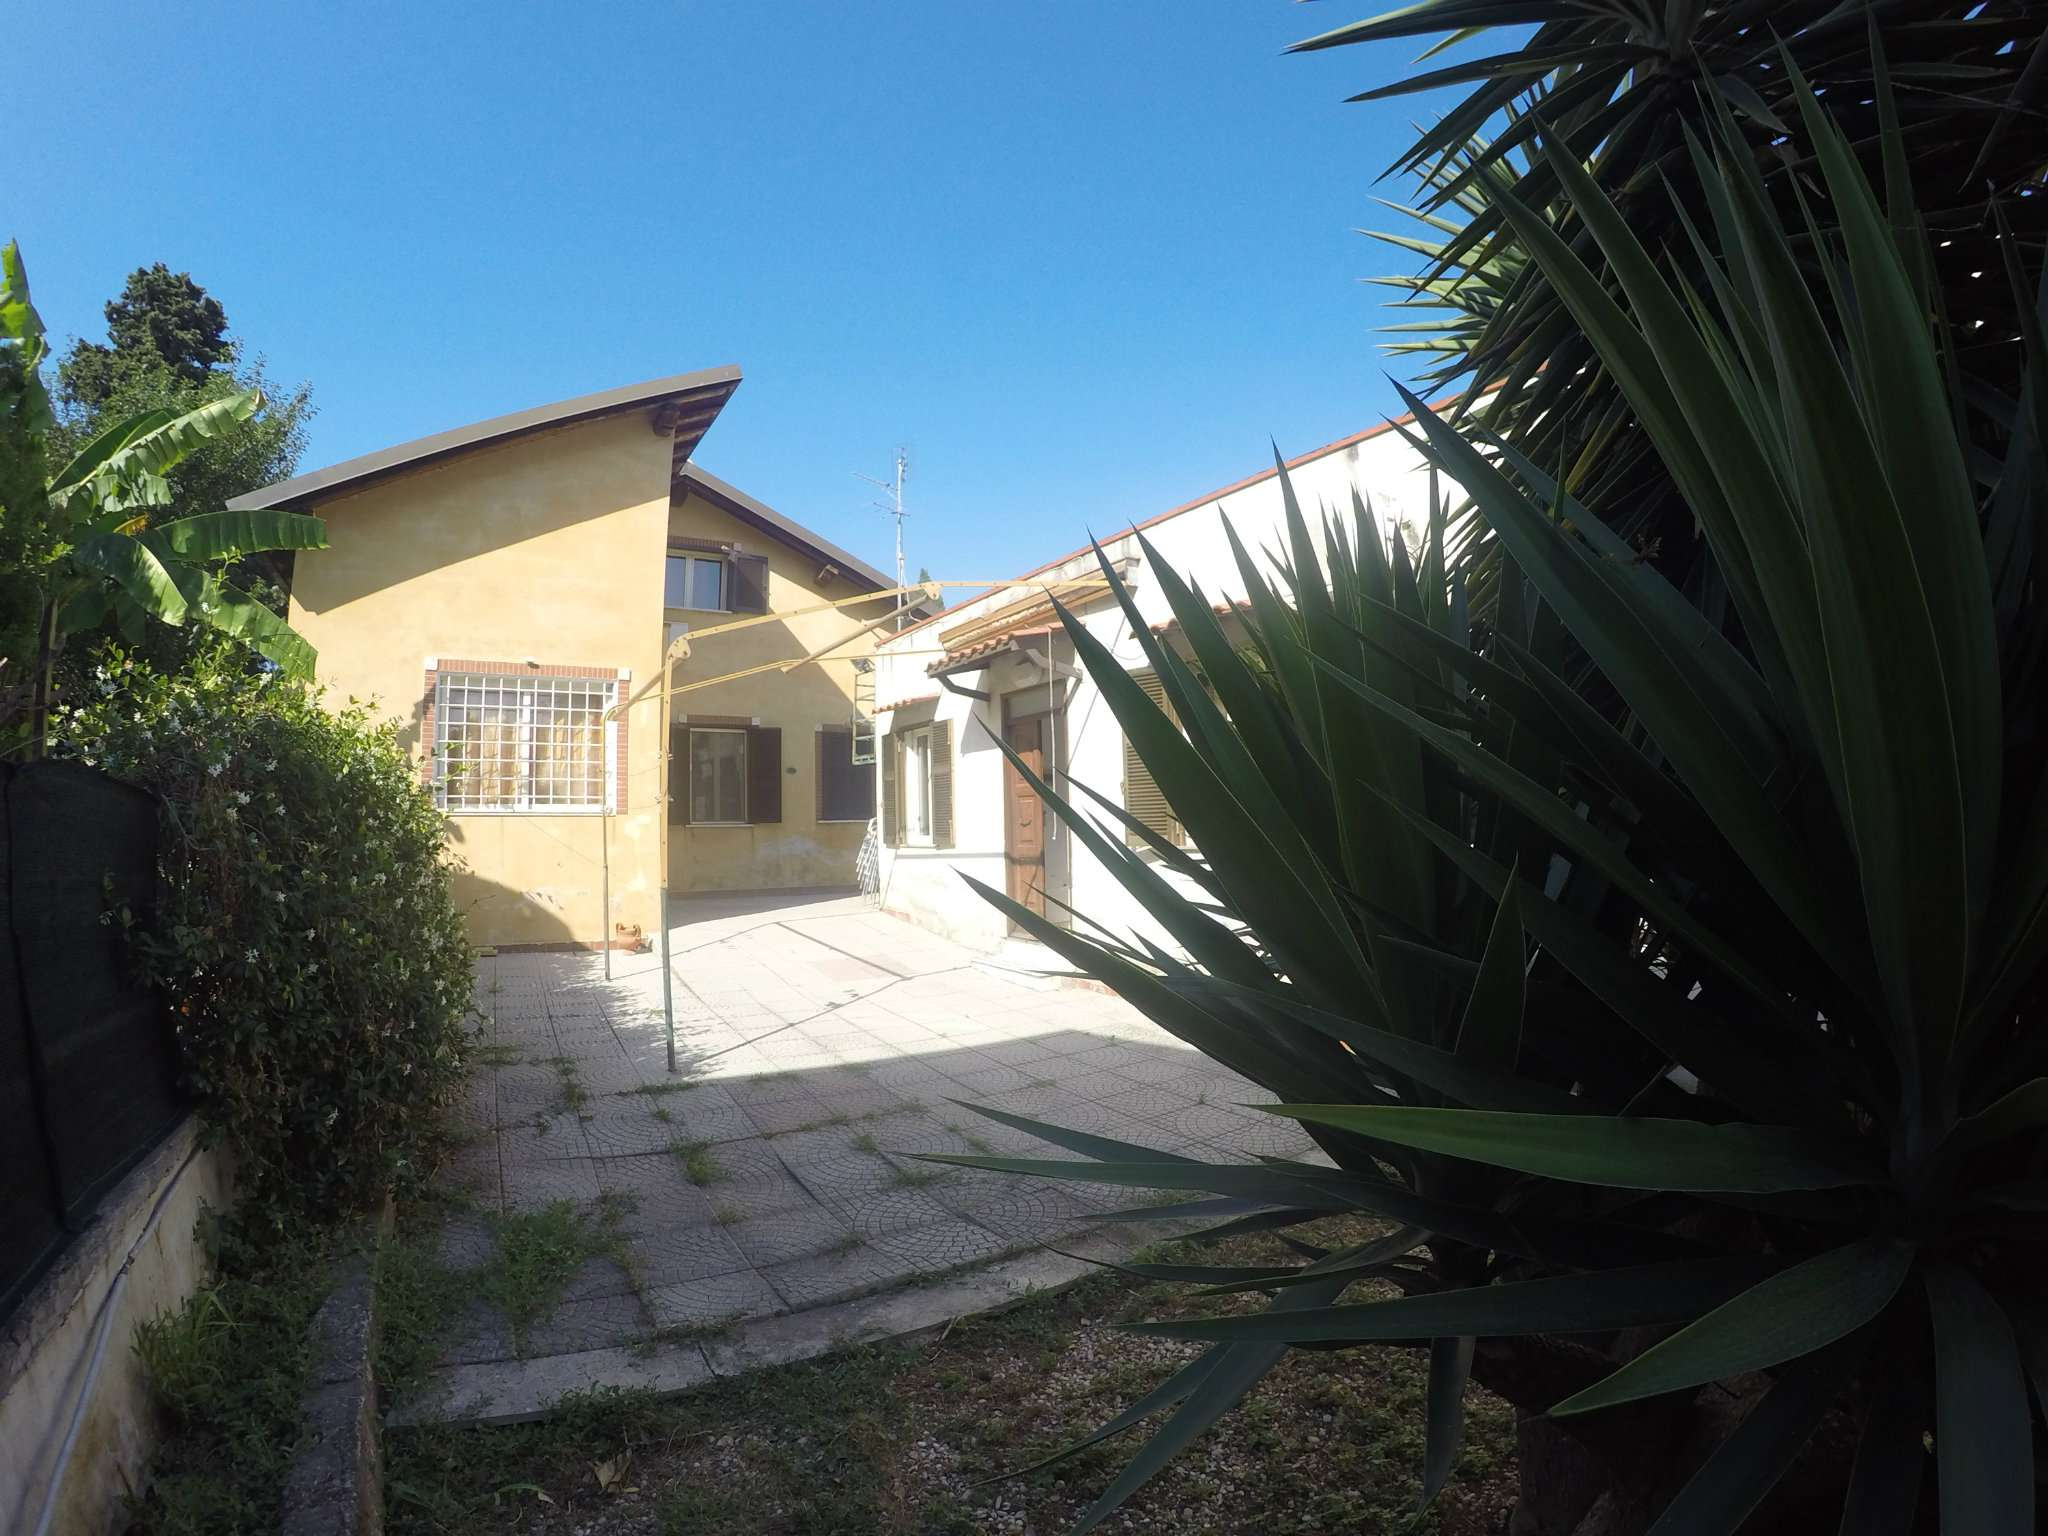 Villa Bifamiliare in vendita a Roma, 6 locali, zona Zona: 16 . Appia nuova - Alberone - Colli Albani, prezzo € 529.000 | CambioCasa.it